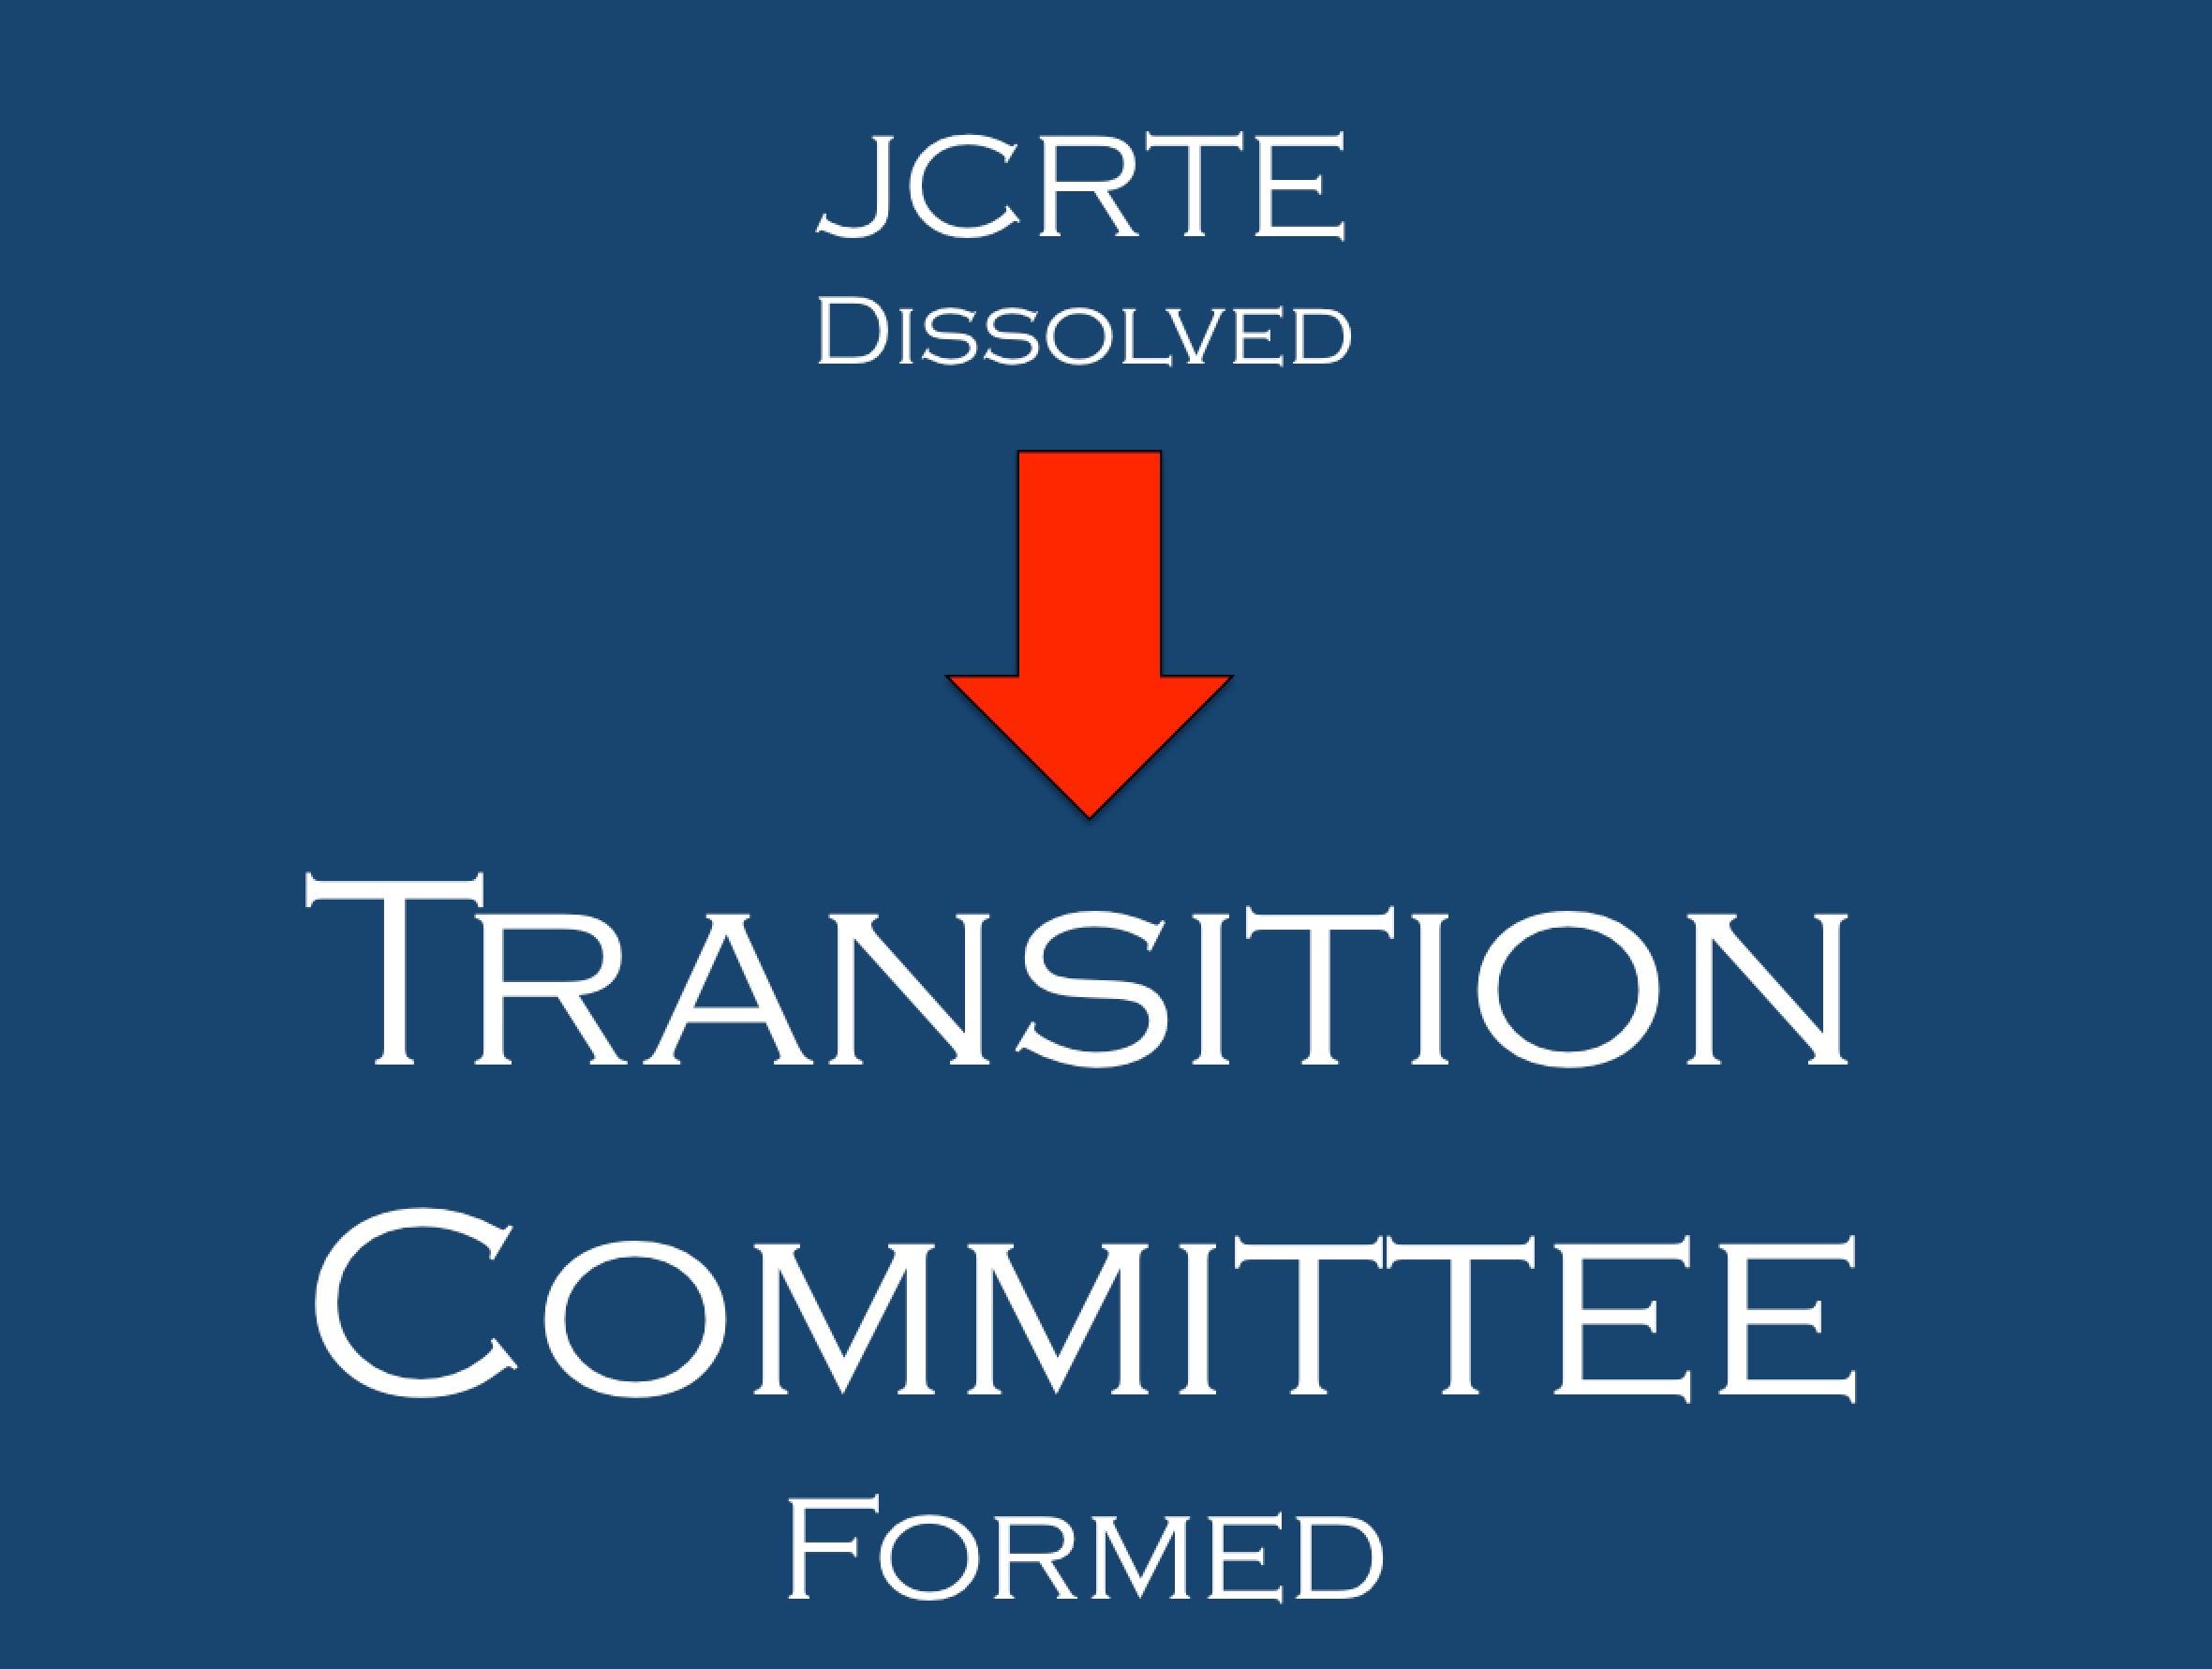 1997 JRCRTE Dissolved